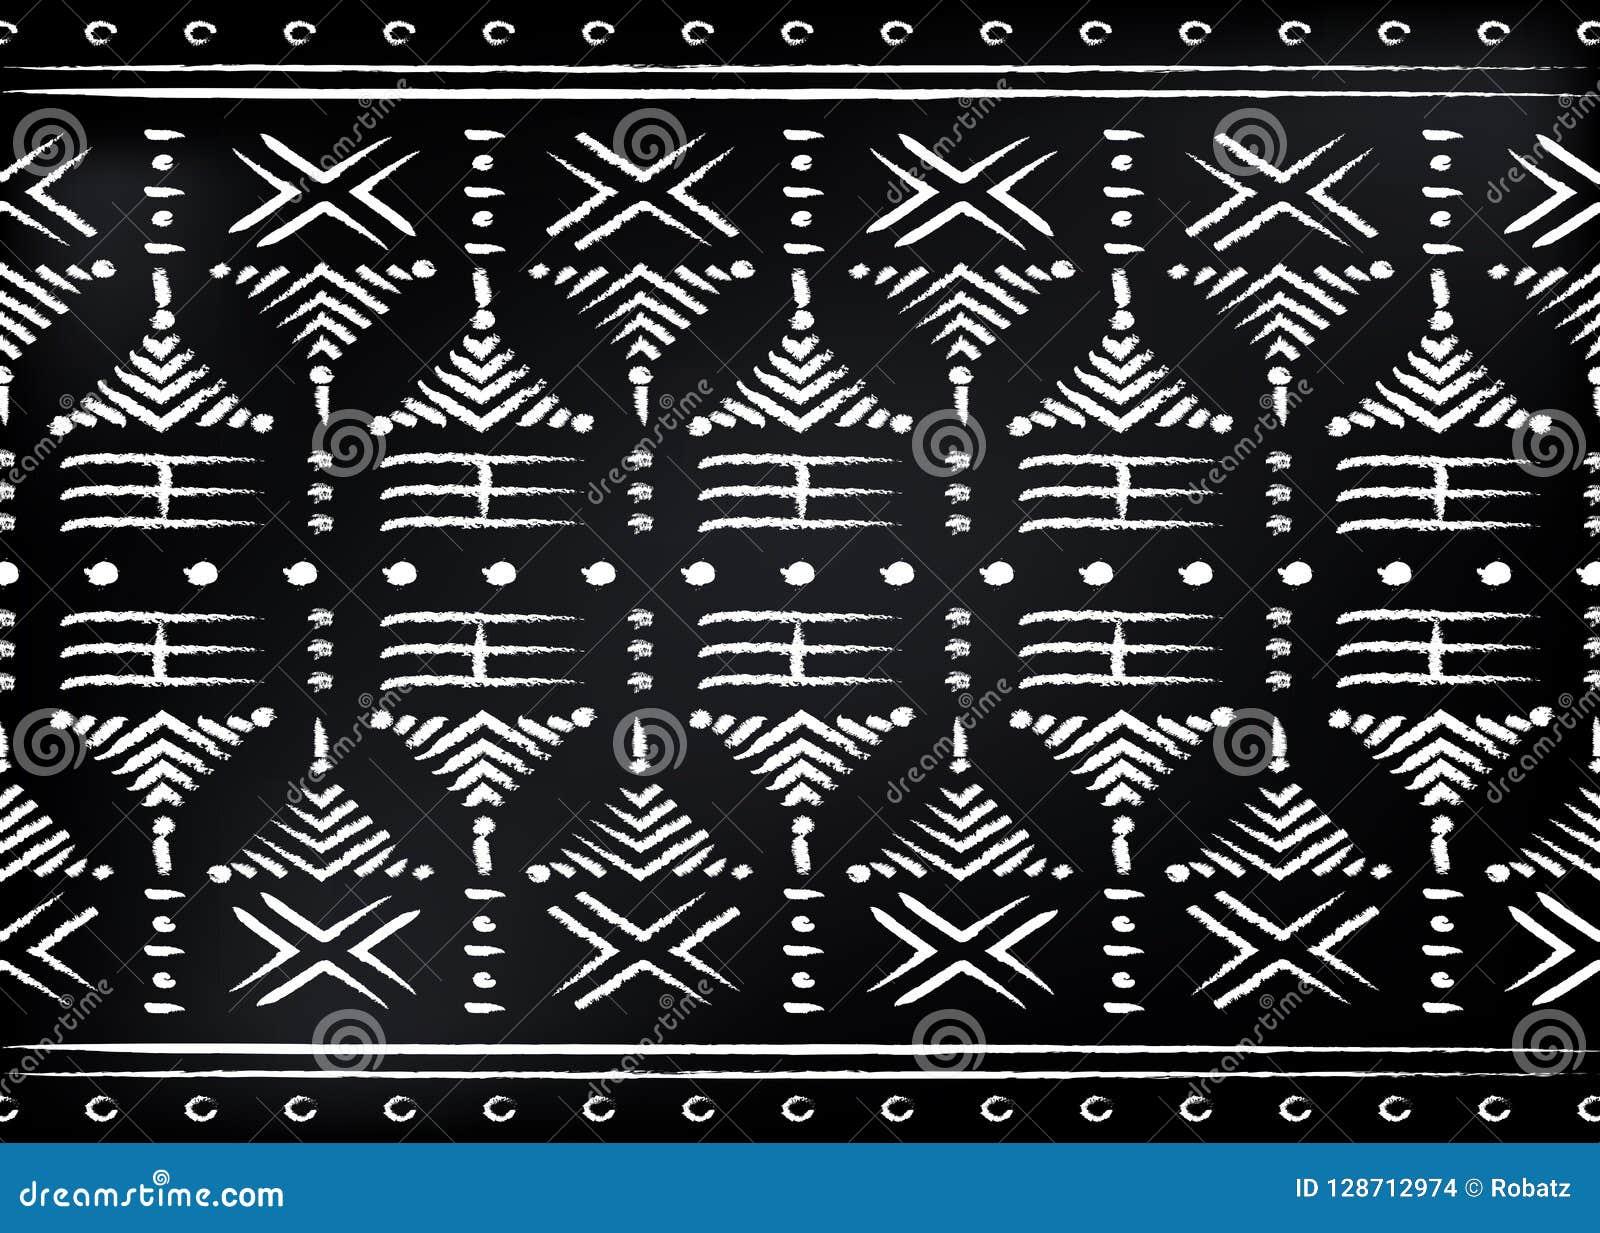 Tessuto africano della stampa, ornamento fatto a mano etnico per i vostri elementi geometrici di progettazione, di motivi etnici